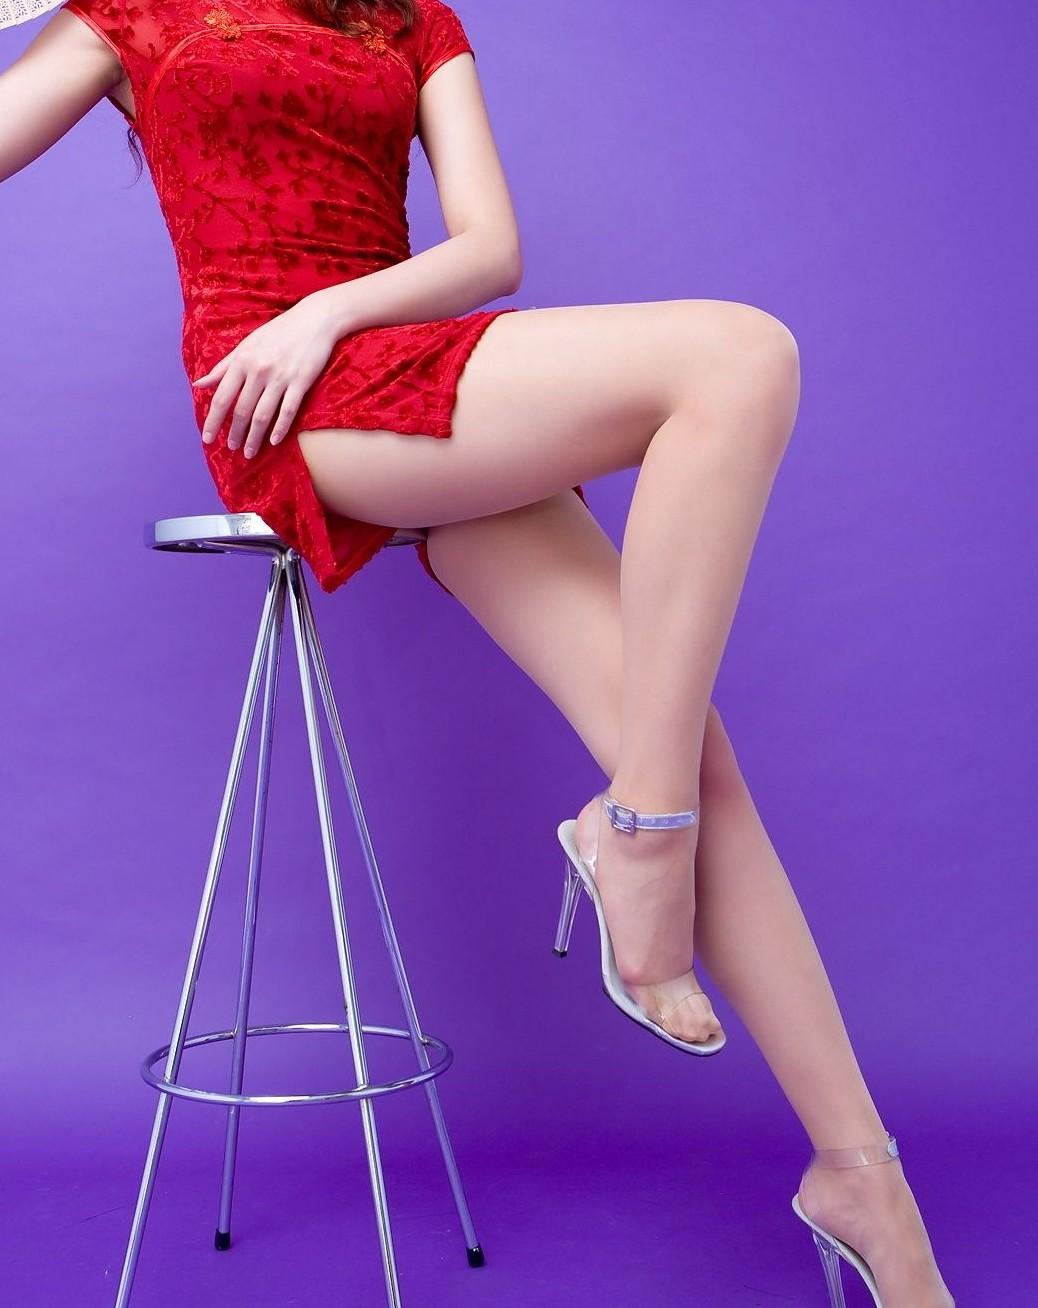 【コスプレエロ画像】真似できないこのスリット!美脚の魅せ方に定評あるチャイナドレスwww 11